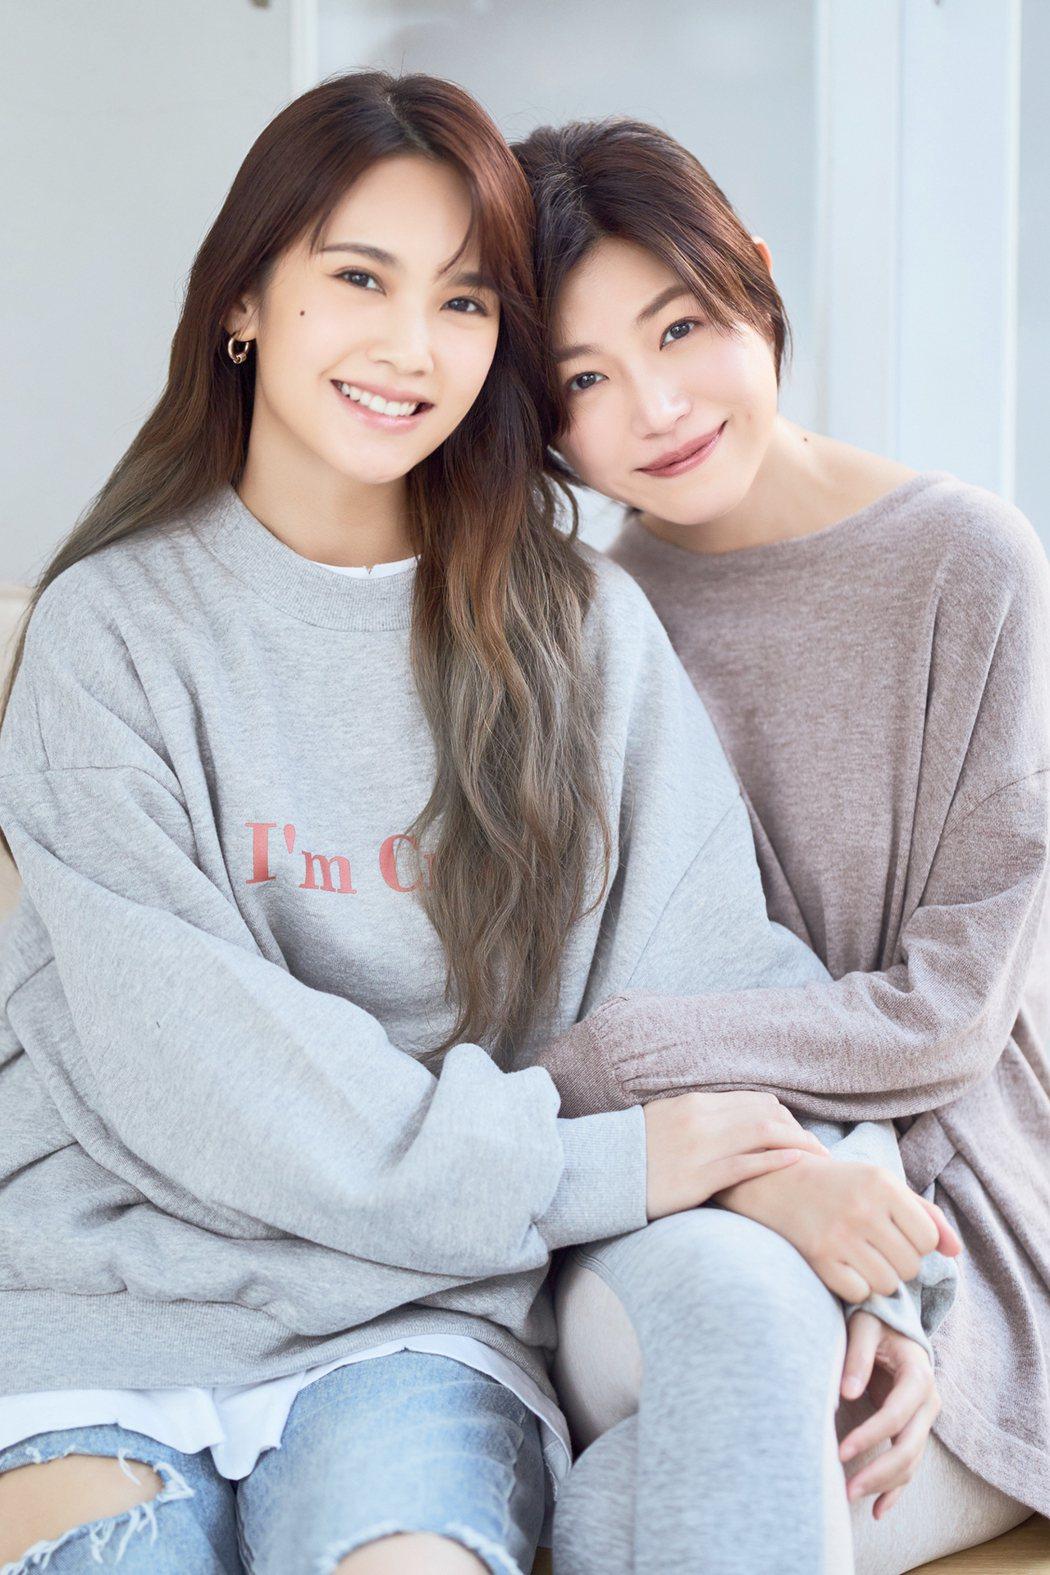 楊丞琳(左)跟陳妍希情同姊妹。圖/EMI提供